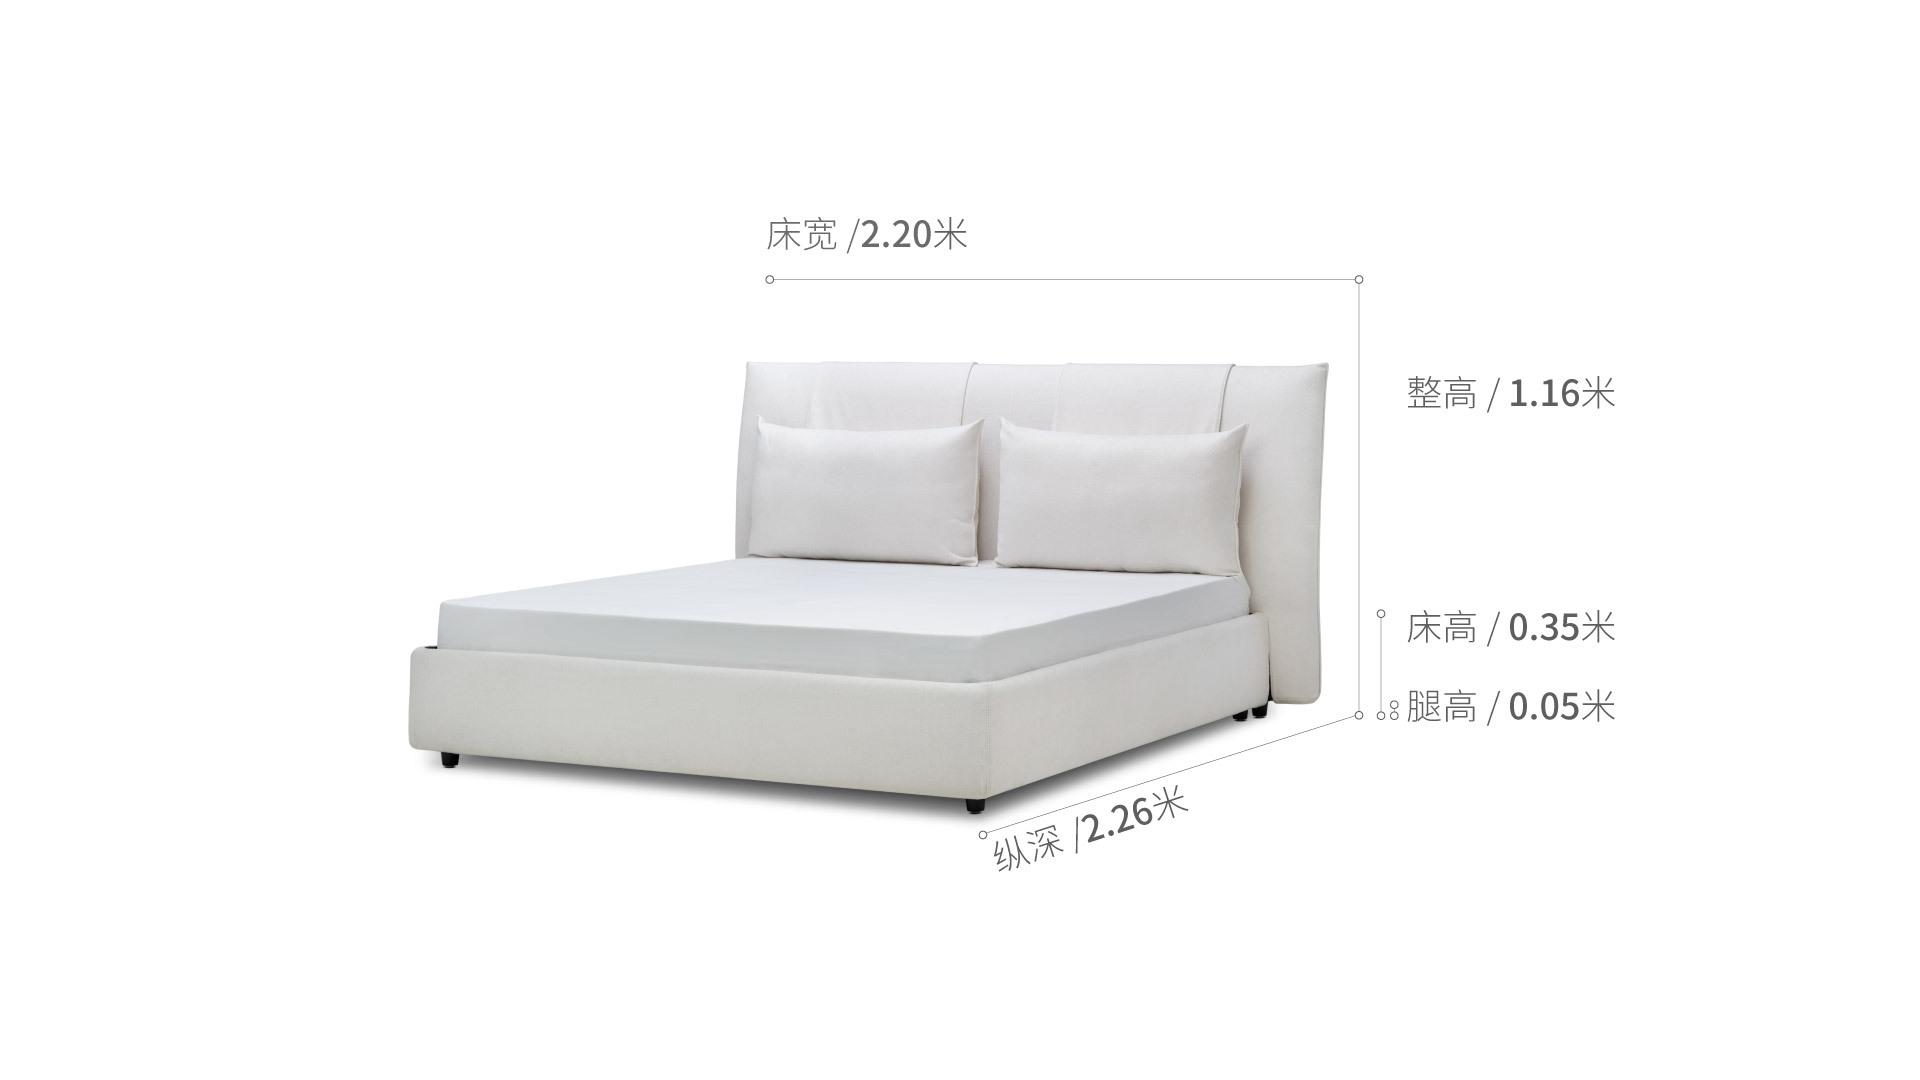 松明床床·床具效果图